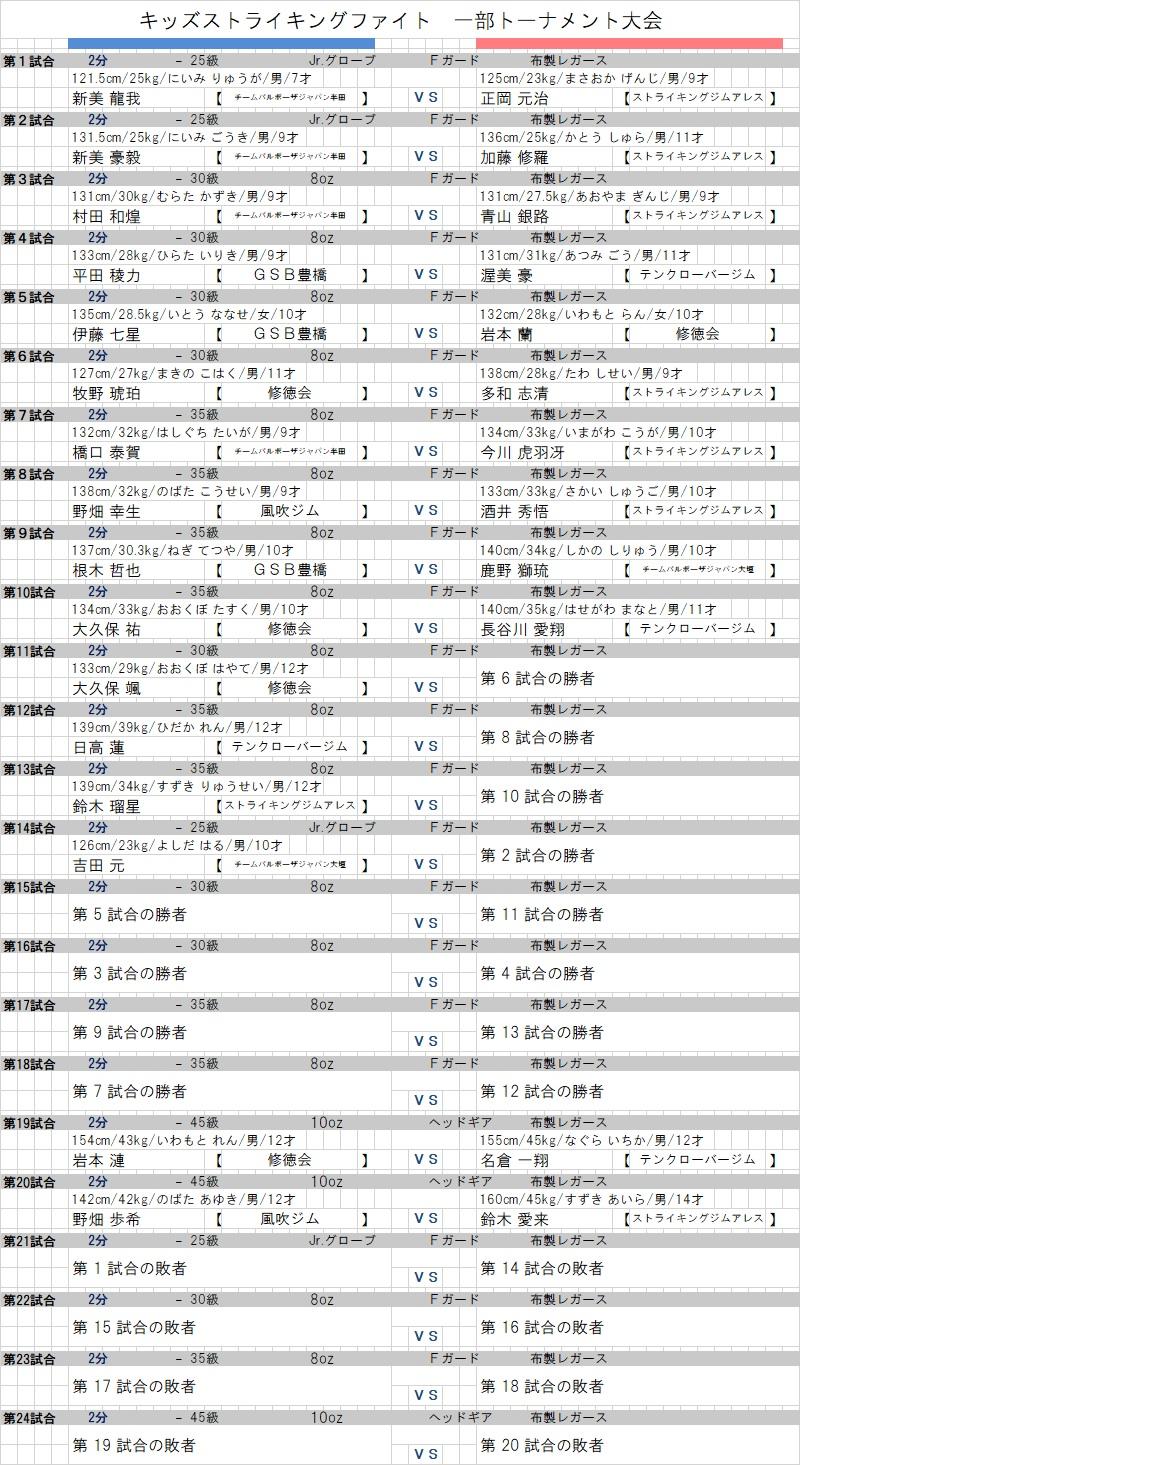 0930 キッズストライキングファイト トーナメント